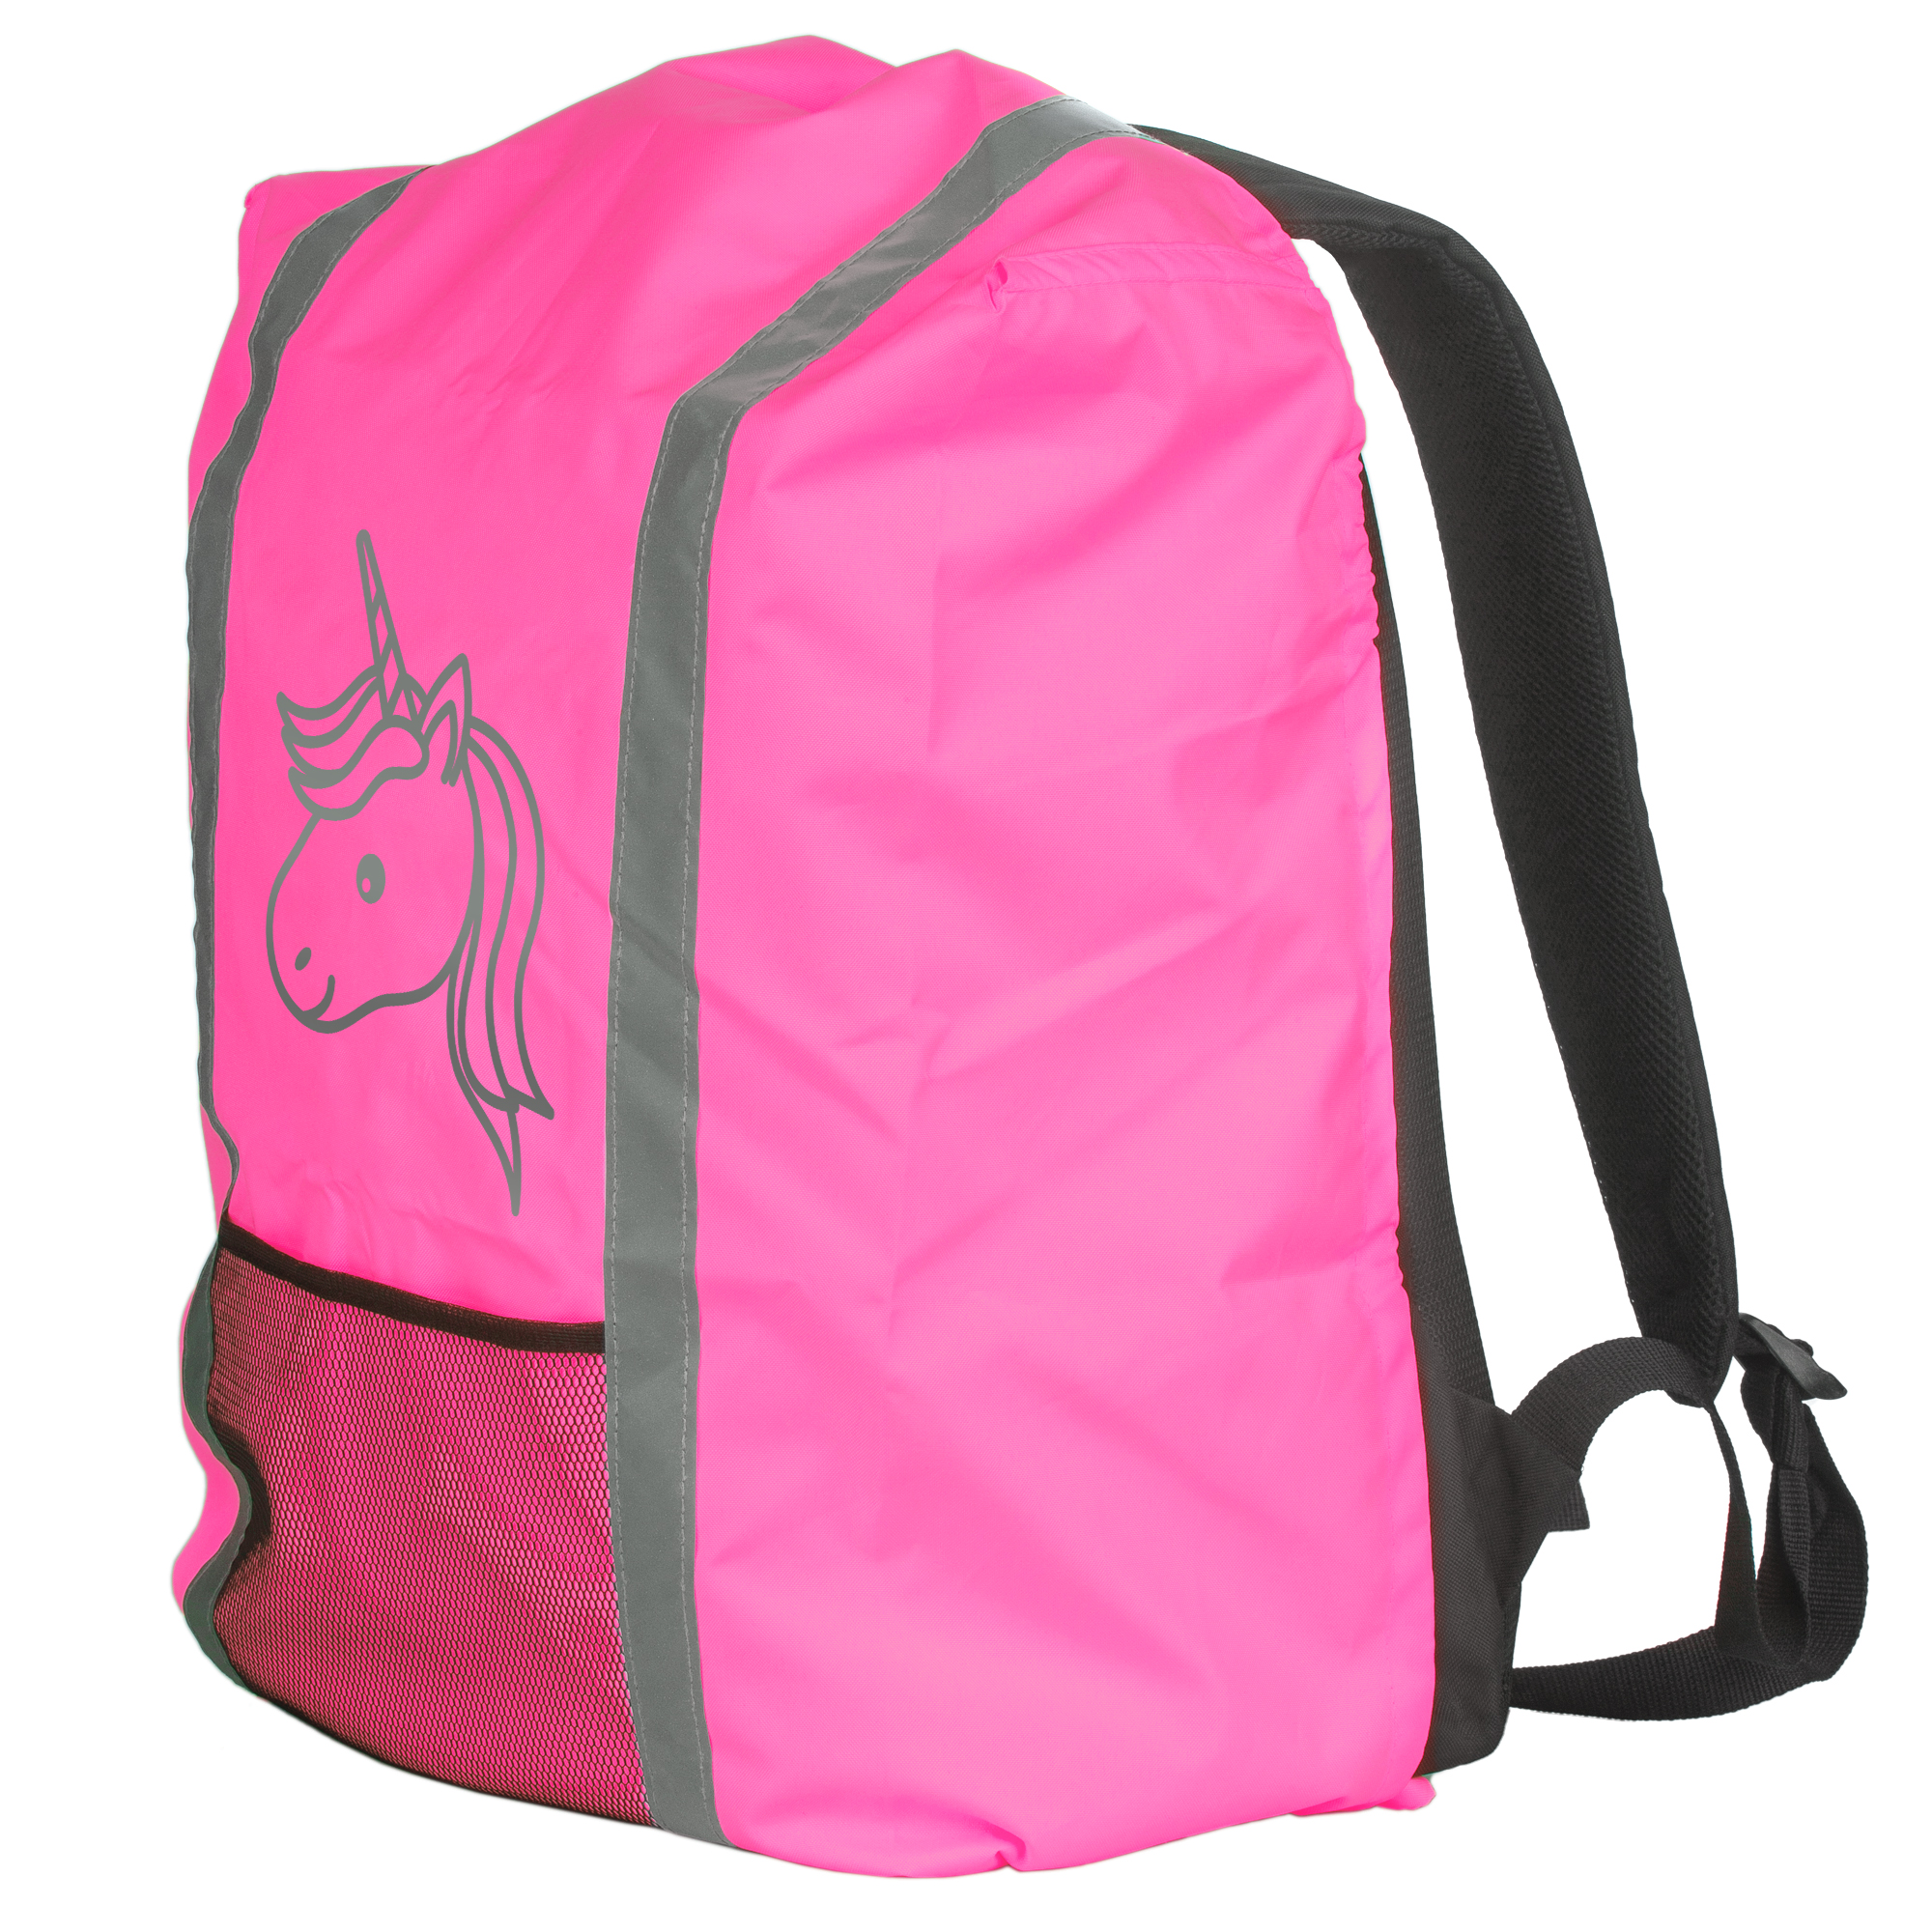 2 x Regenschutzhülle Sicherheitsschutzhülle für Schulranzen Rucksäcke neongelb